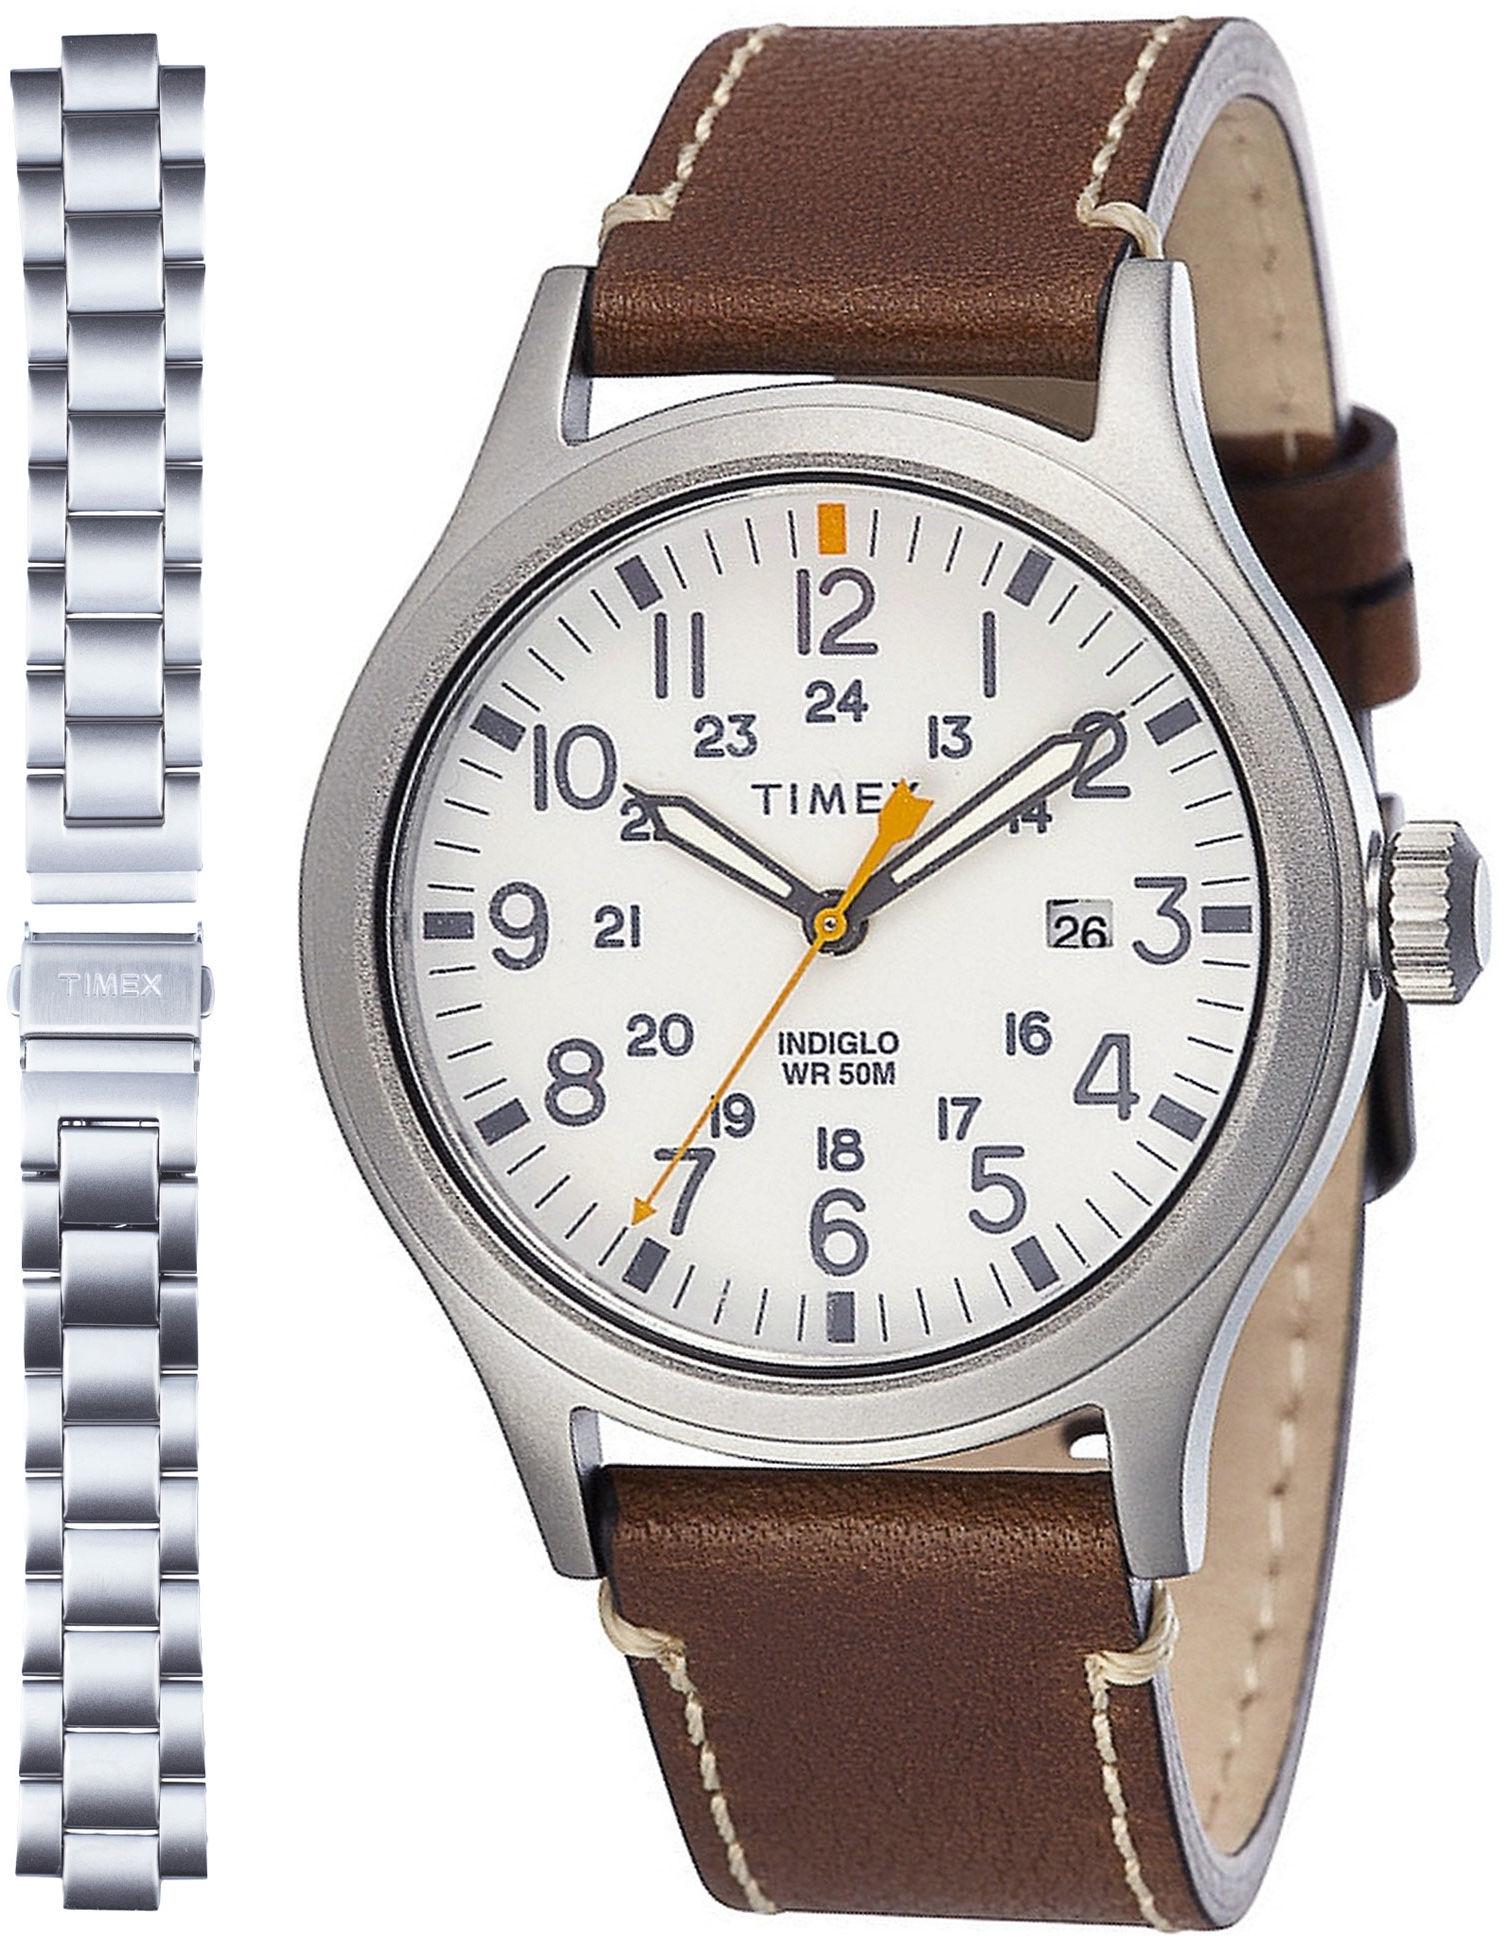 Timex TW2B46790 > Wysyłka tego samego dnia Grawer 0zł Darmowa dostawa Kurierem/Inpost Darmowy zwrot przez 100 DNI